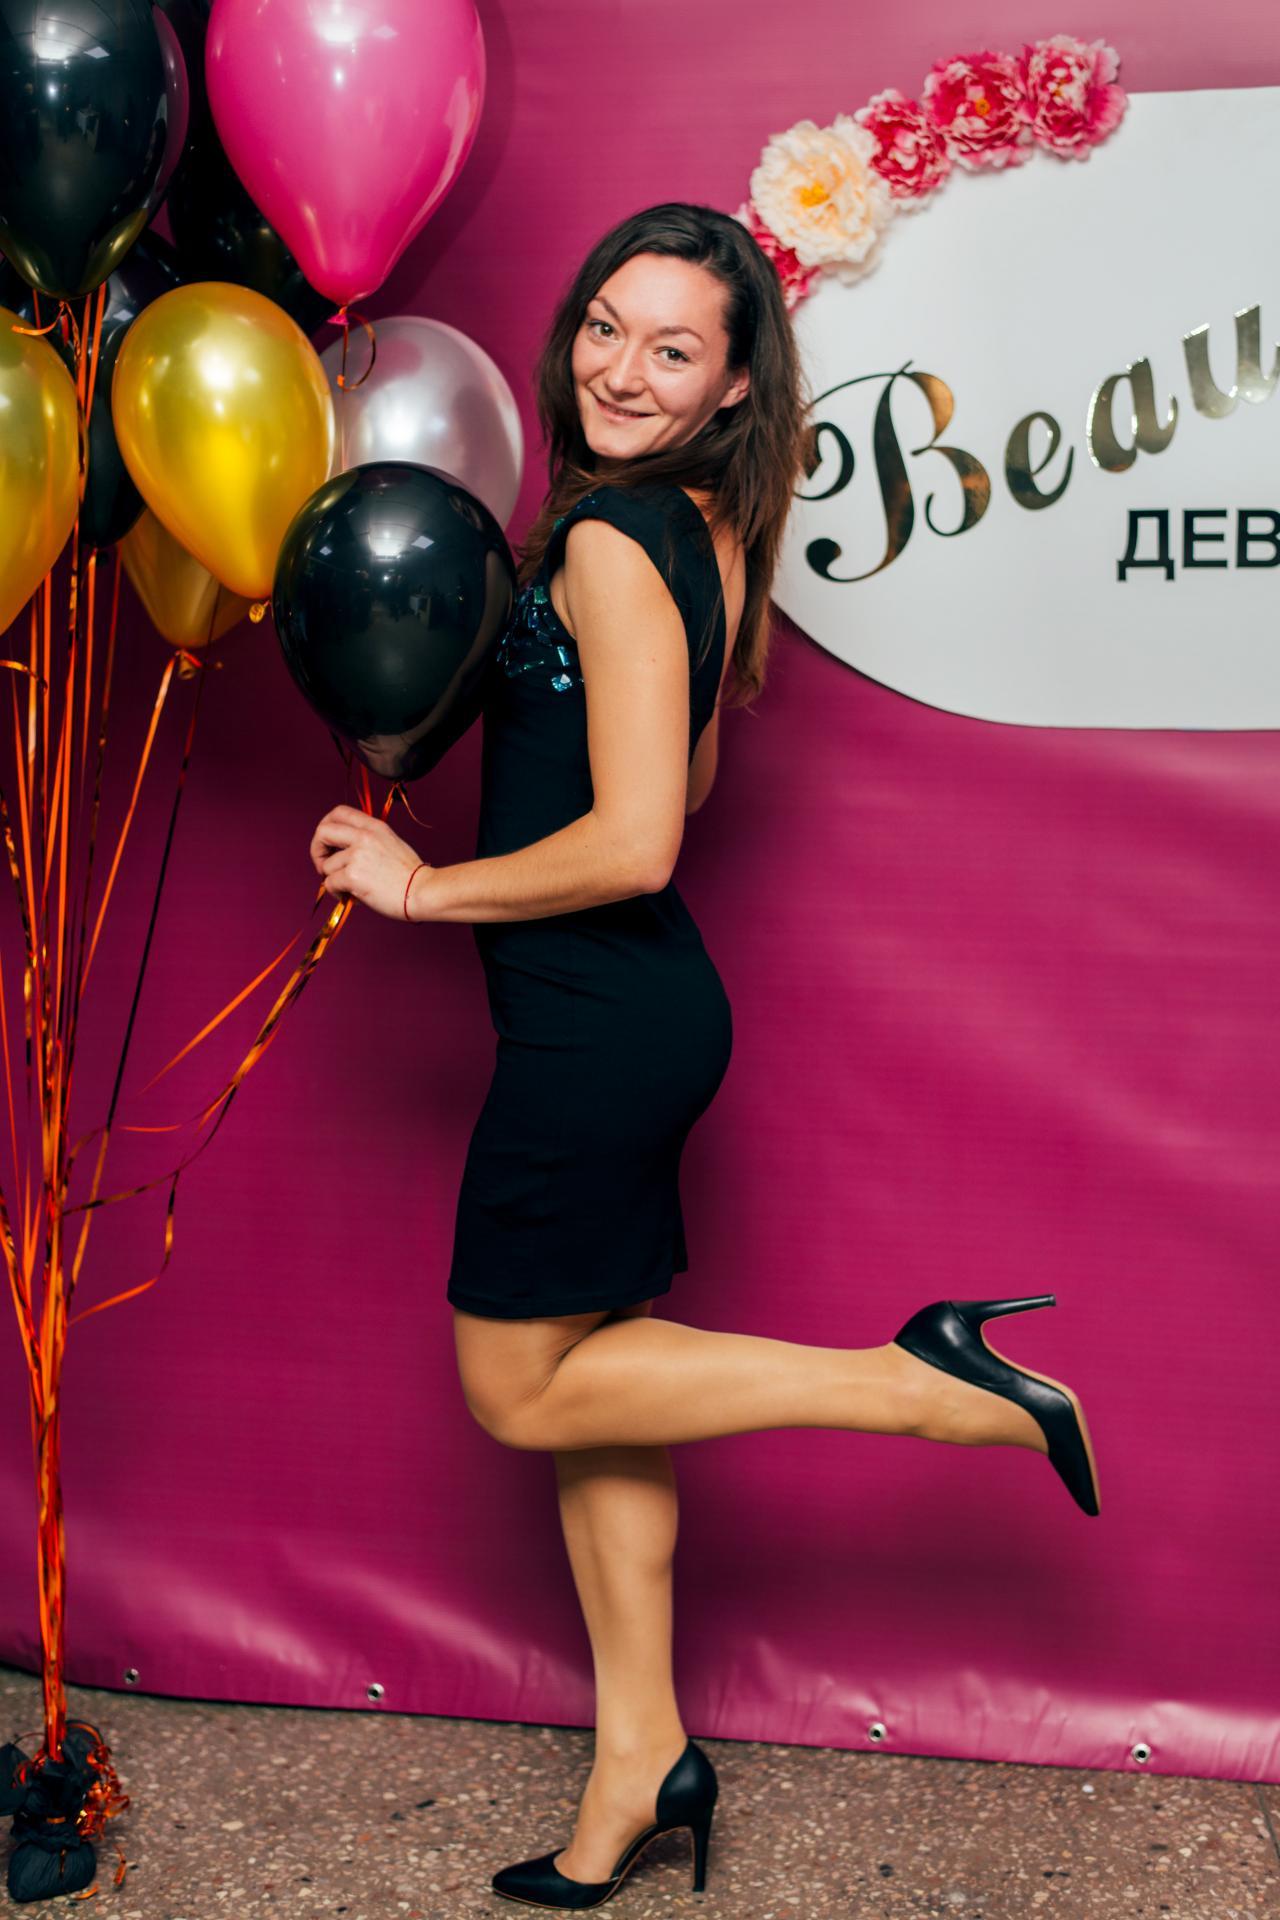 Ляшенко Наталия